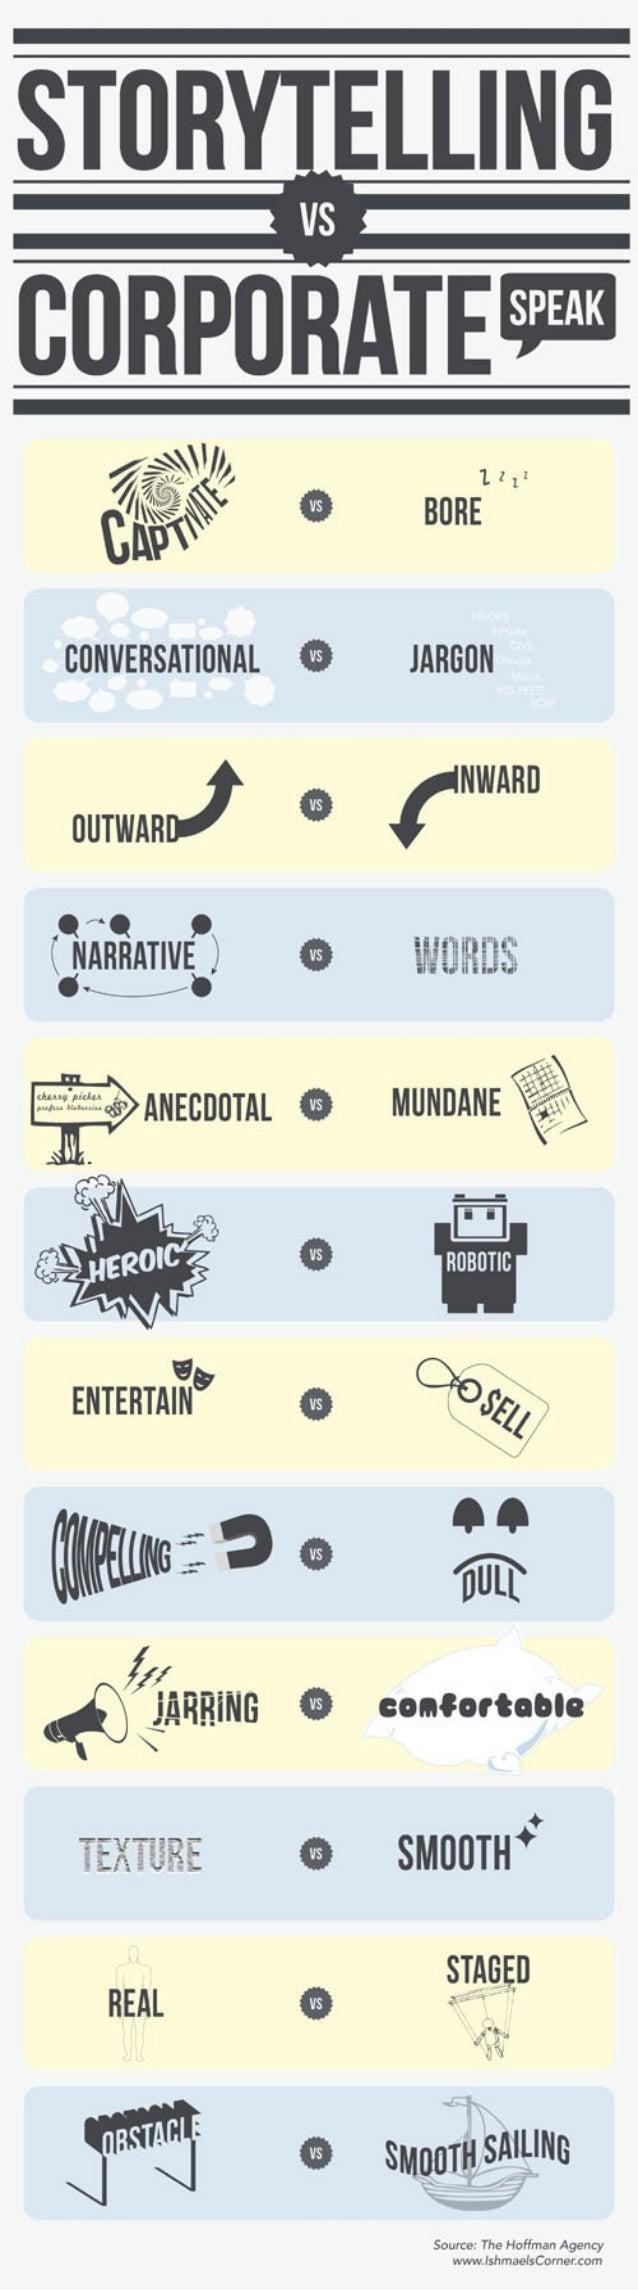 Storytelling vs. Corporate Speak [infographic]